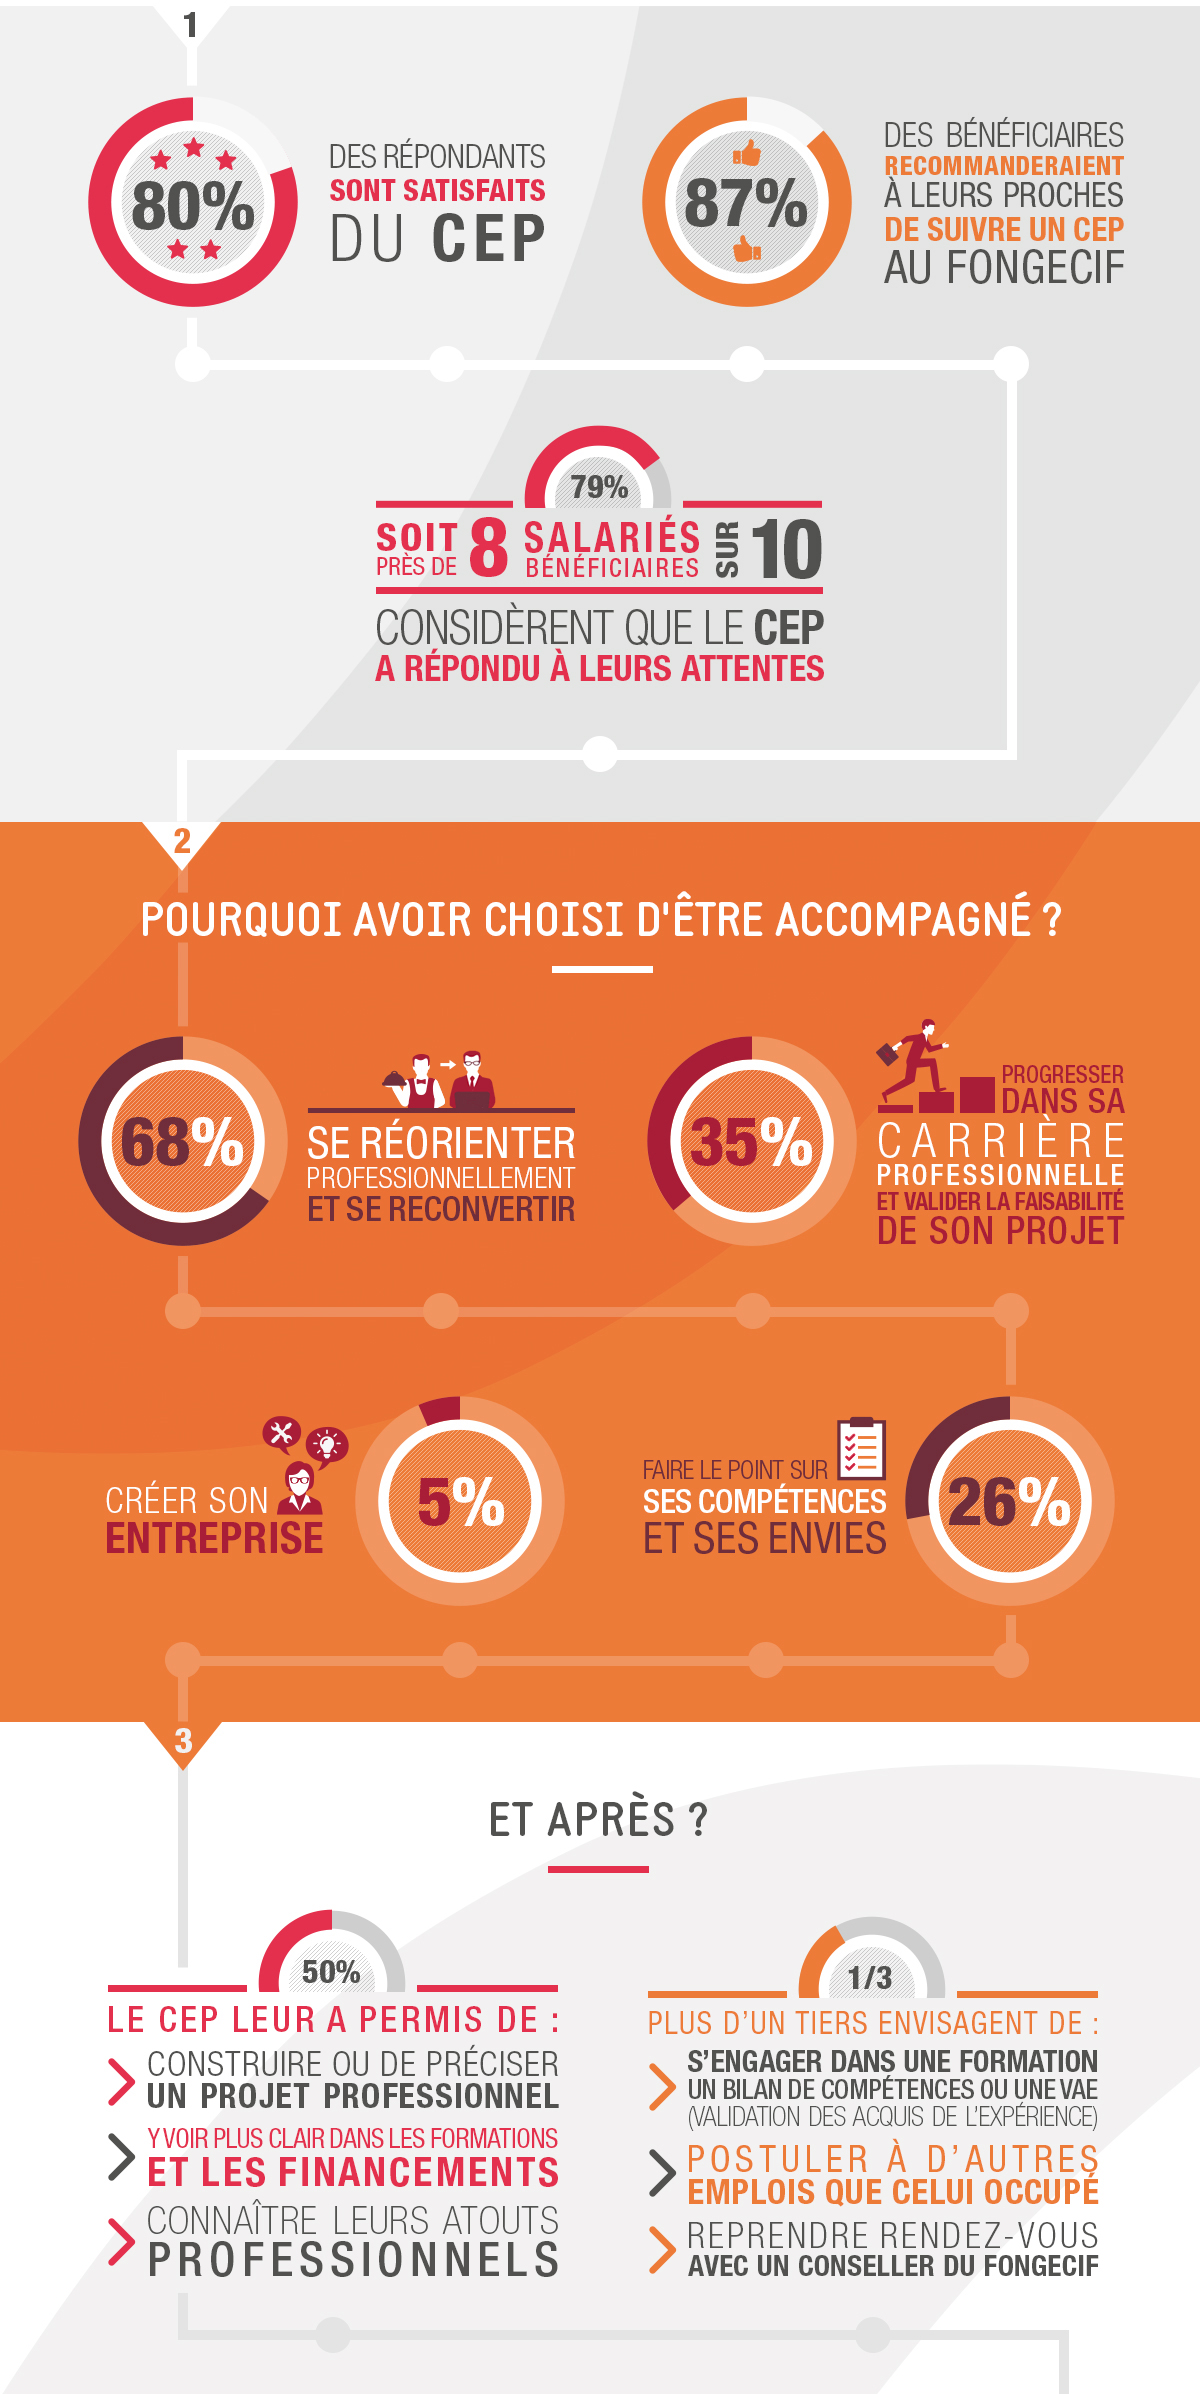 Infographie_CEP_fongecif_ile-de-france